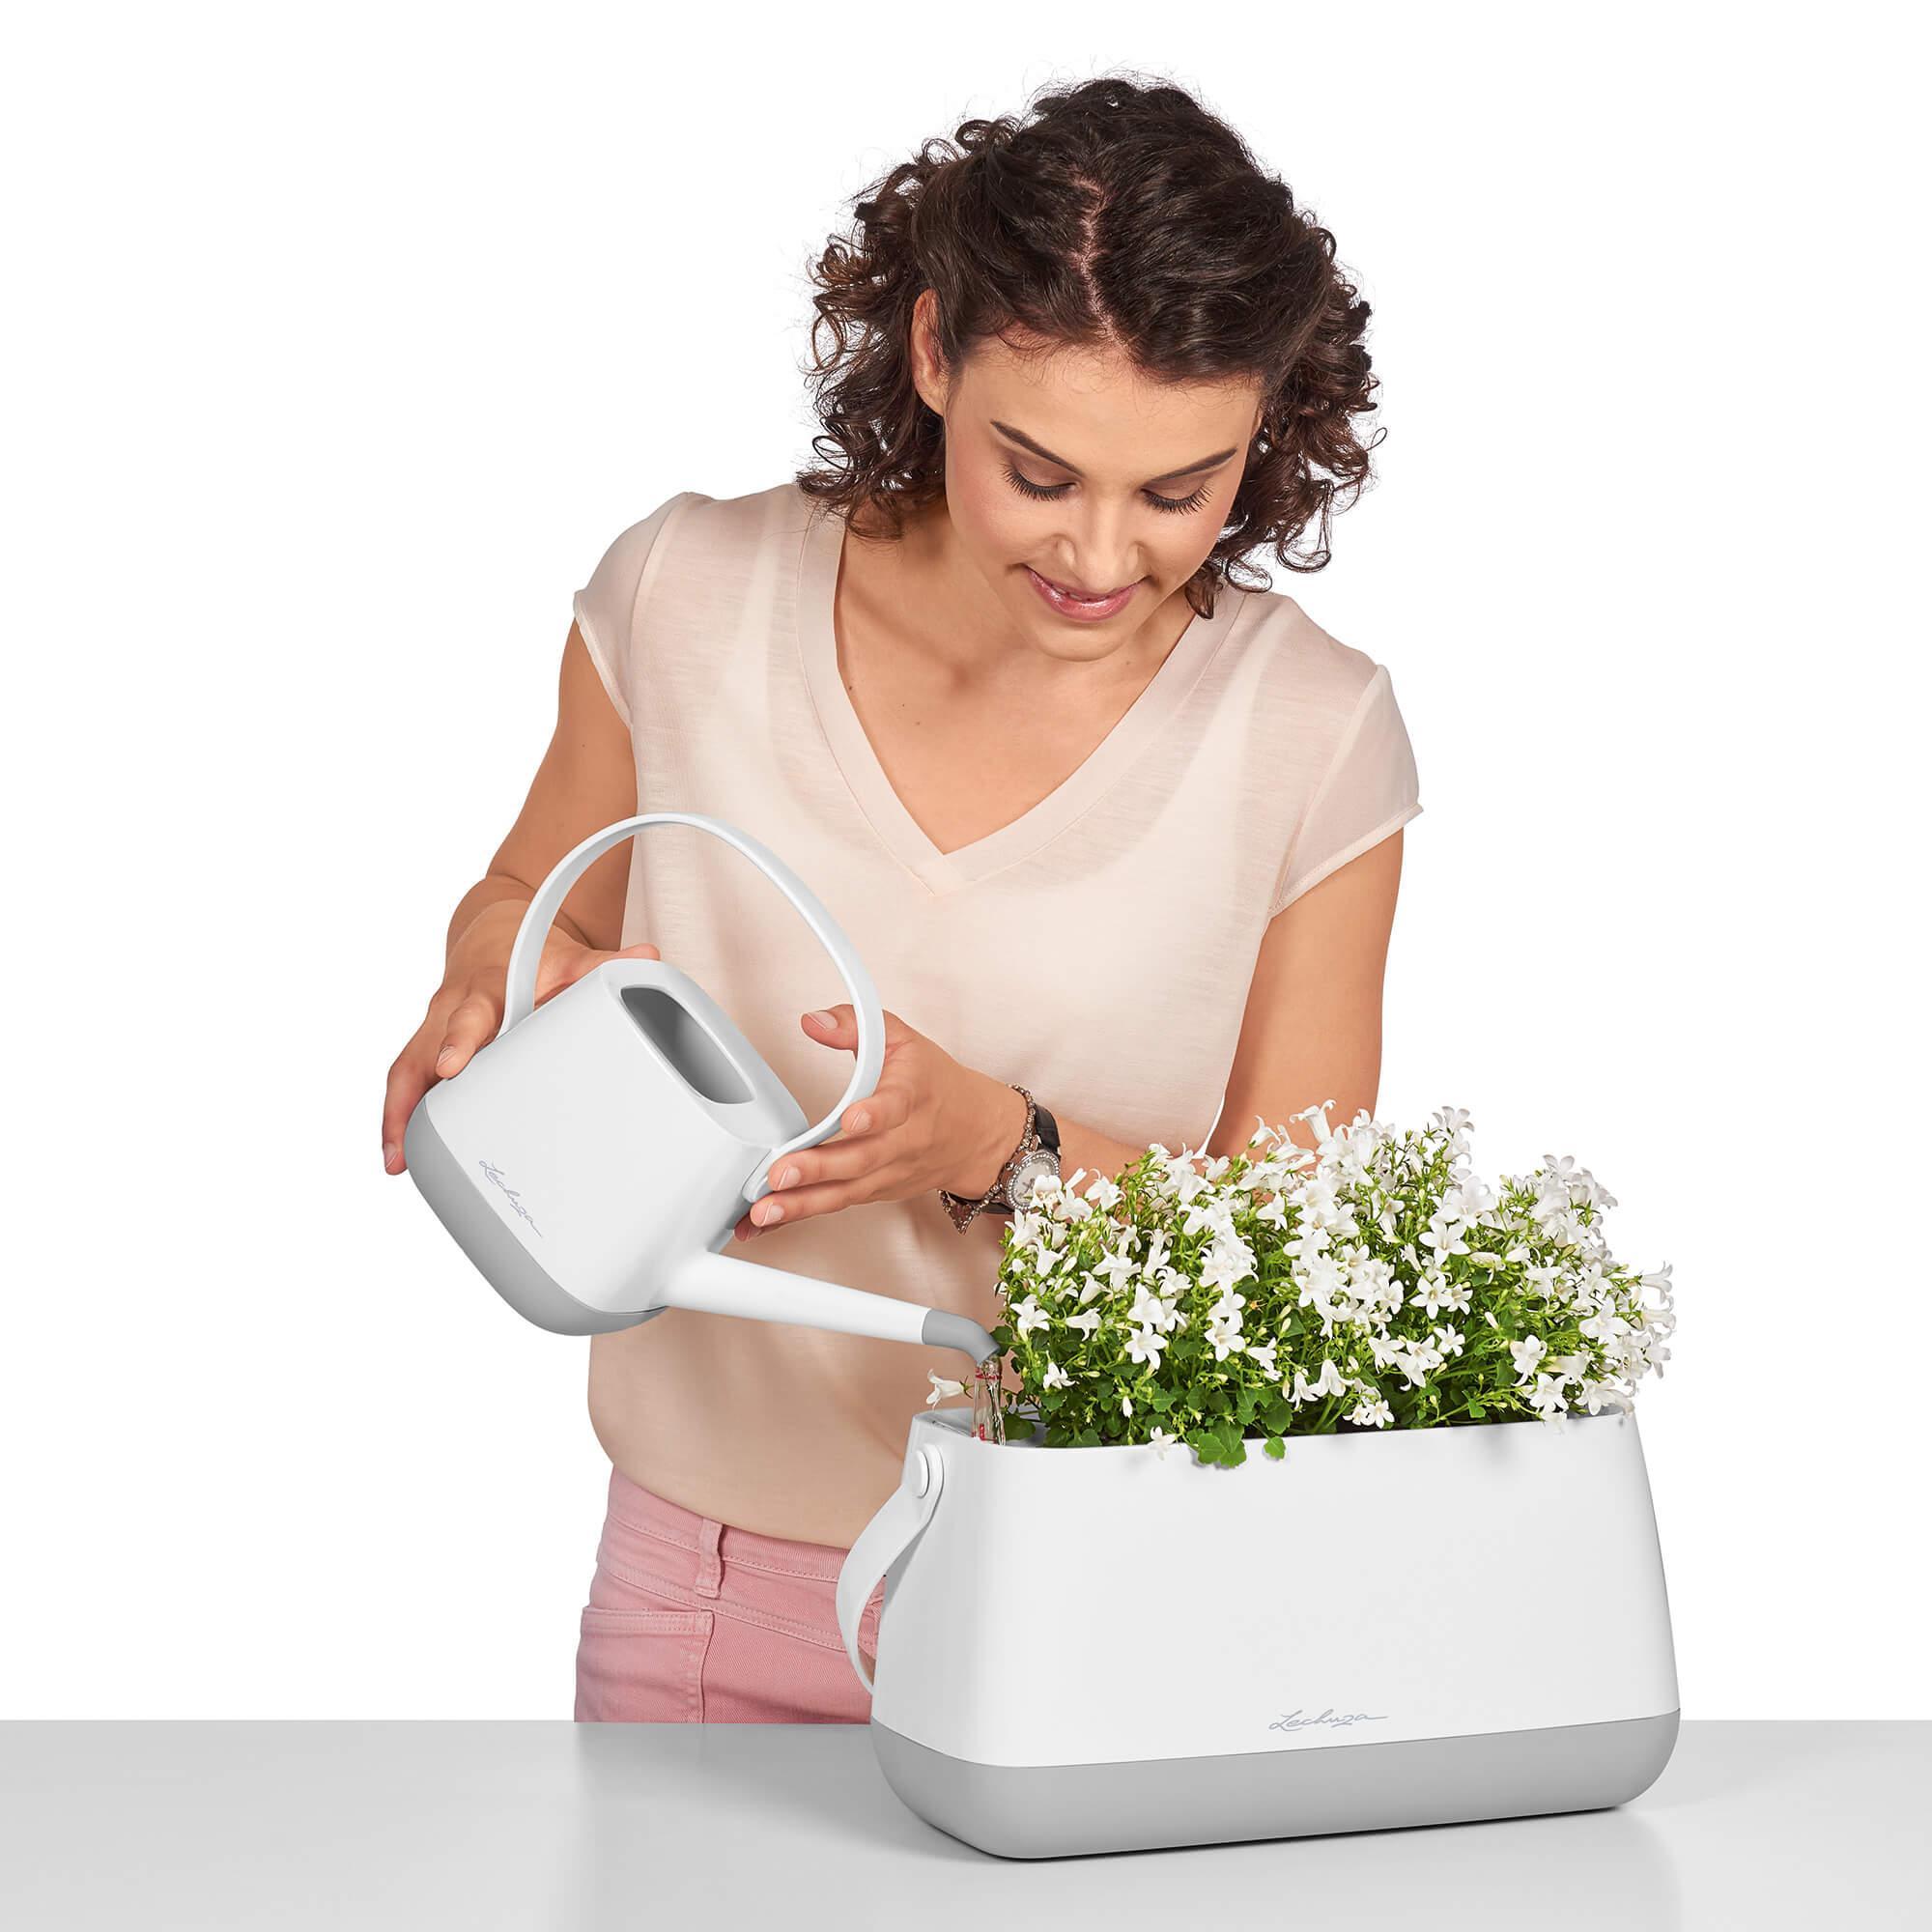 Корзинка для растений YULA белый/фисташковый - изображение 11